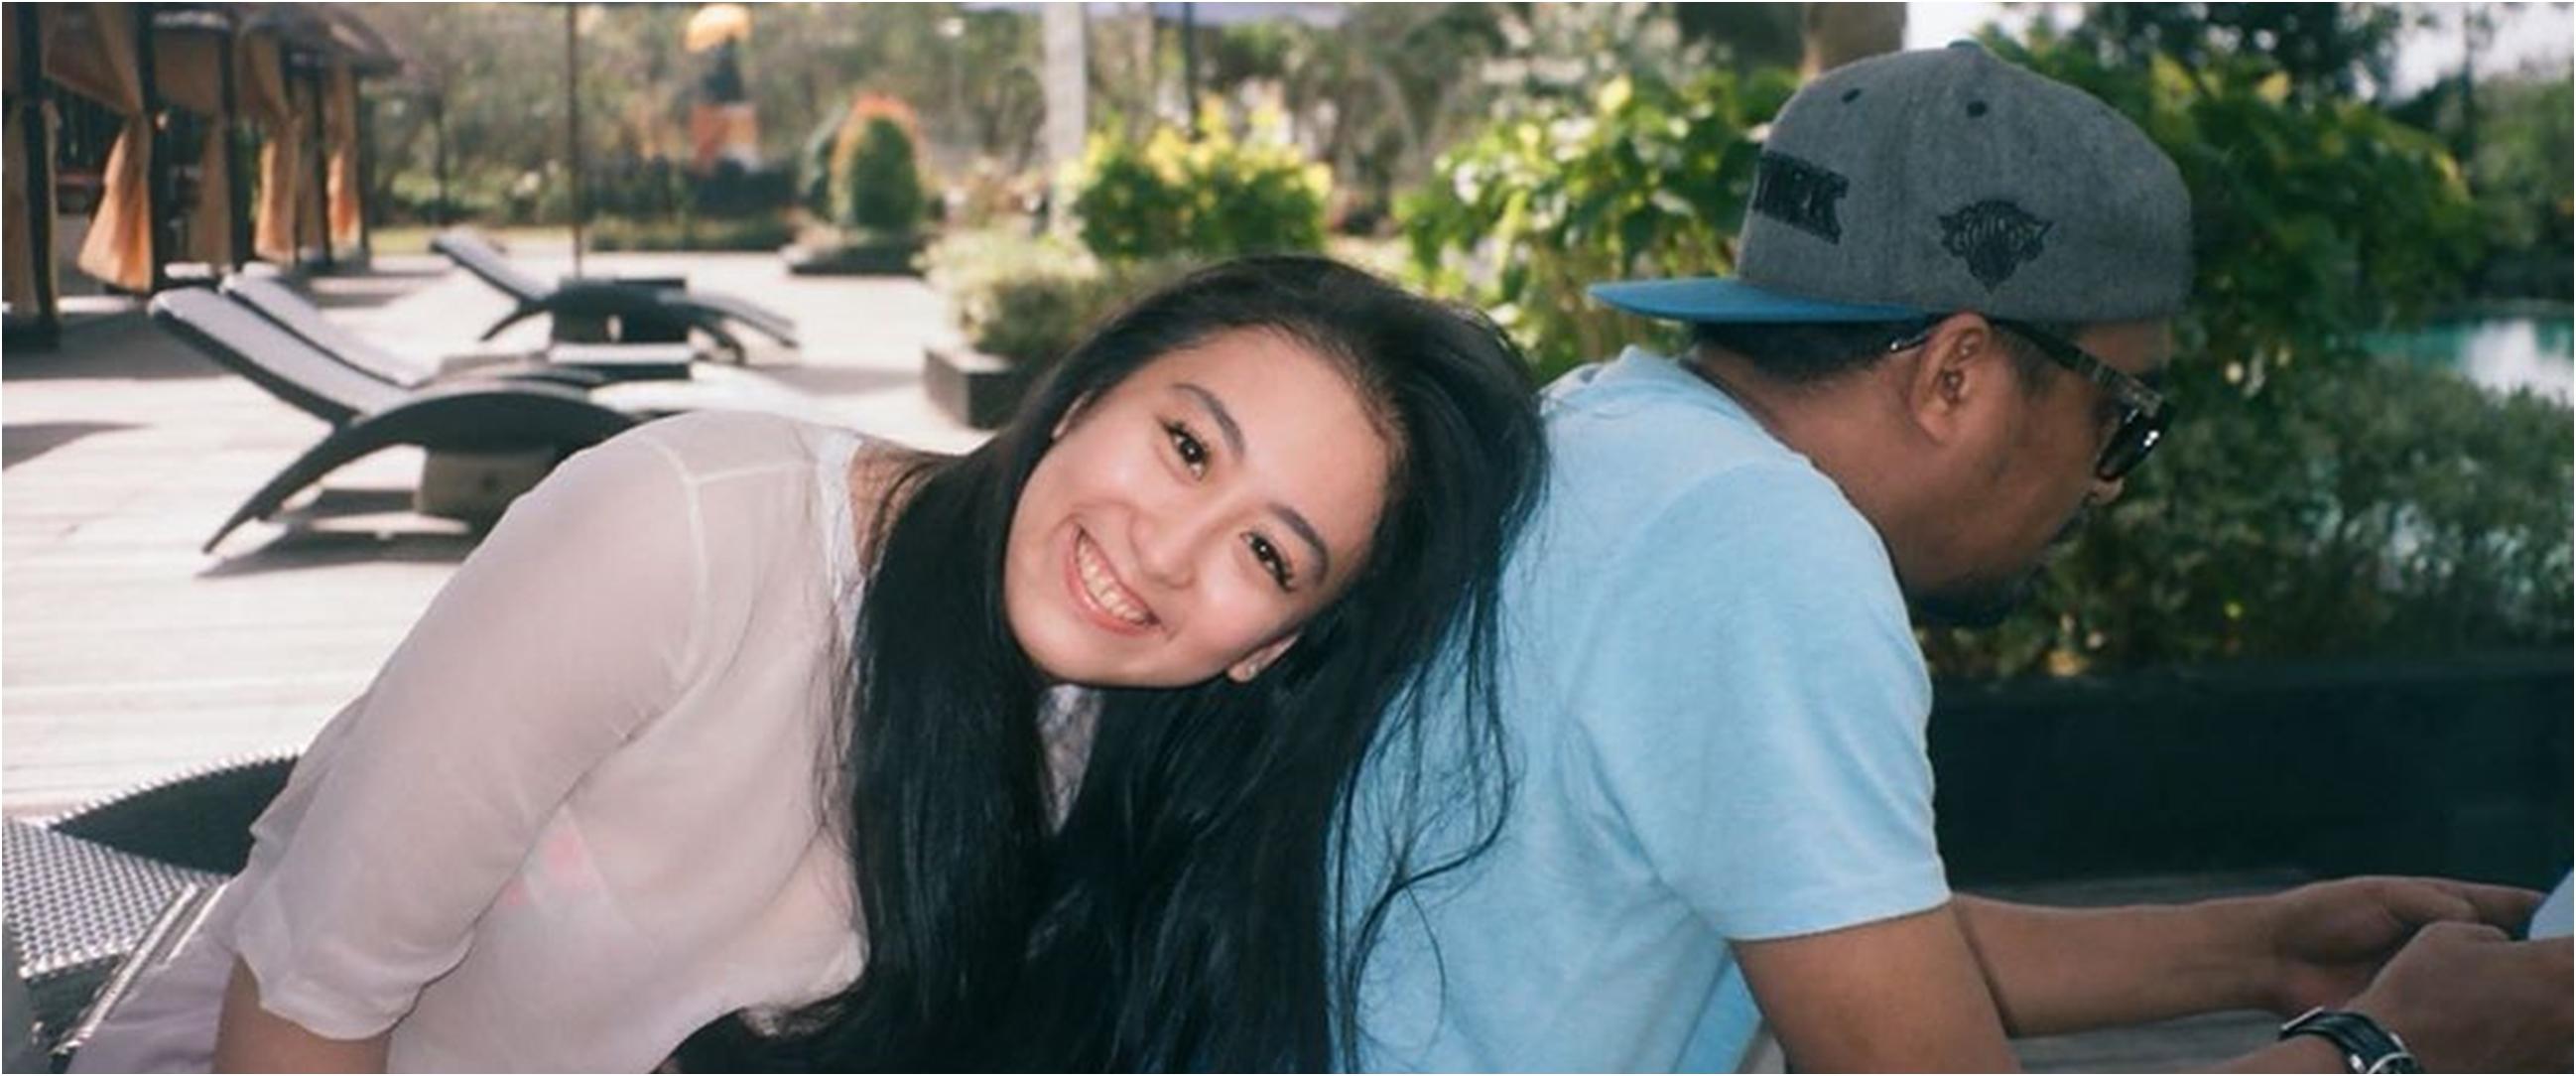 Ungkapan duka Vanessa Surya mantan kekasih Glenn Fredly